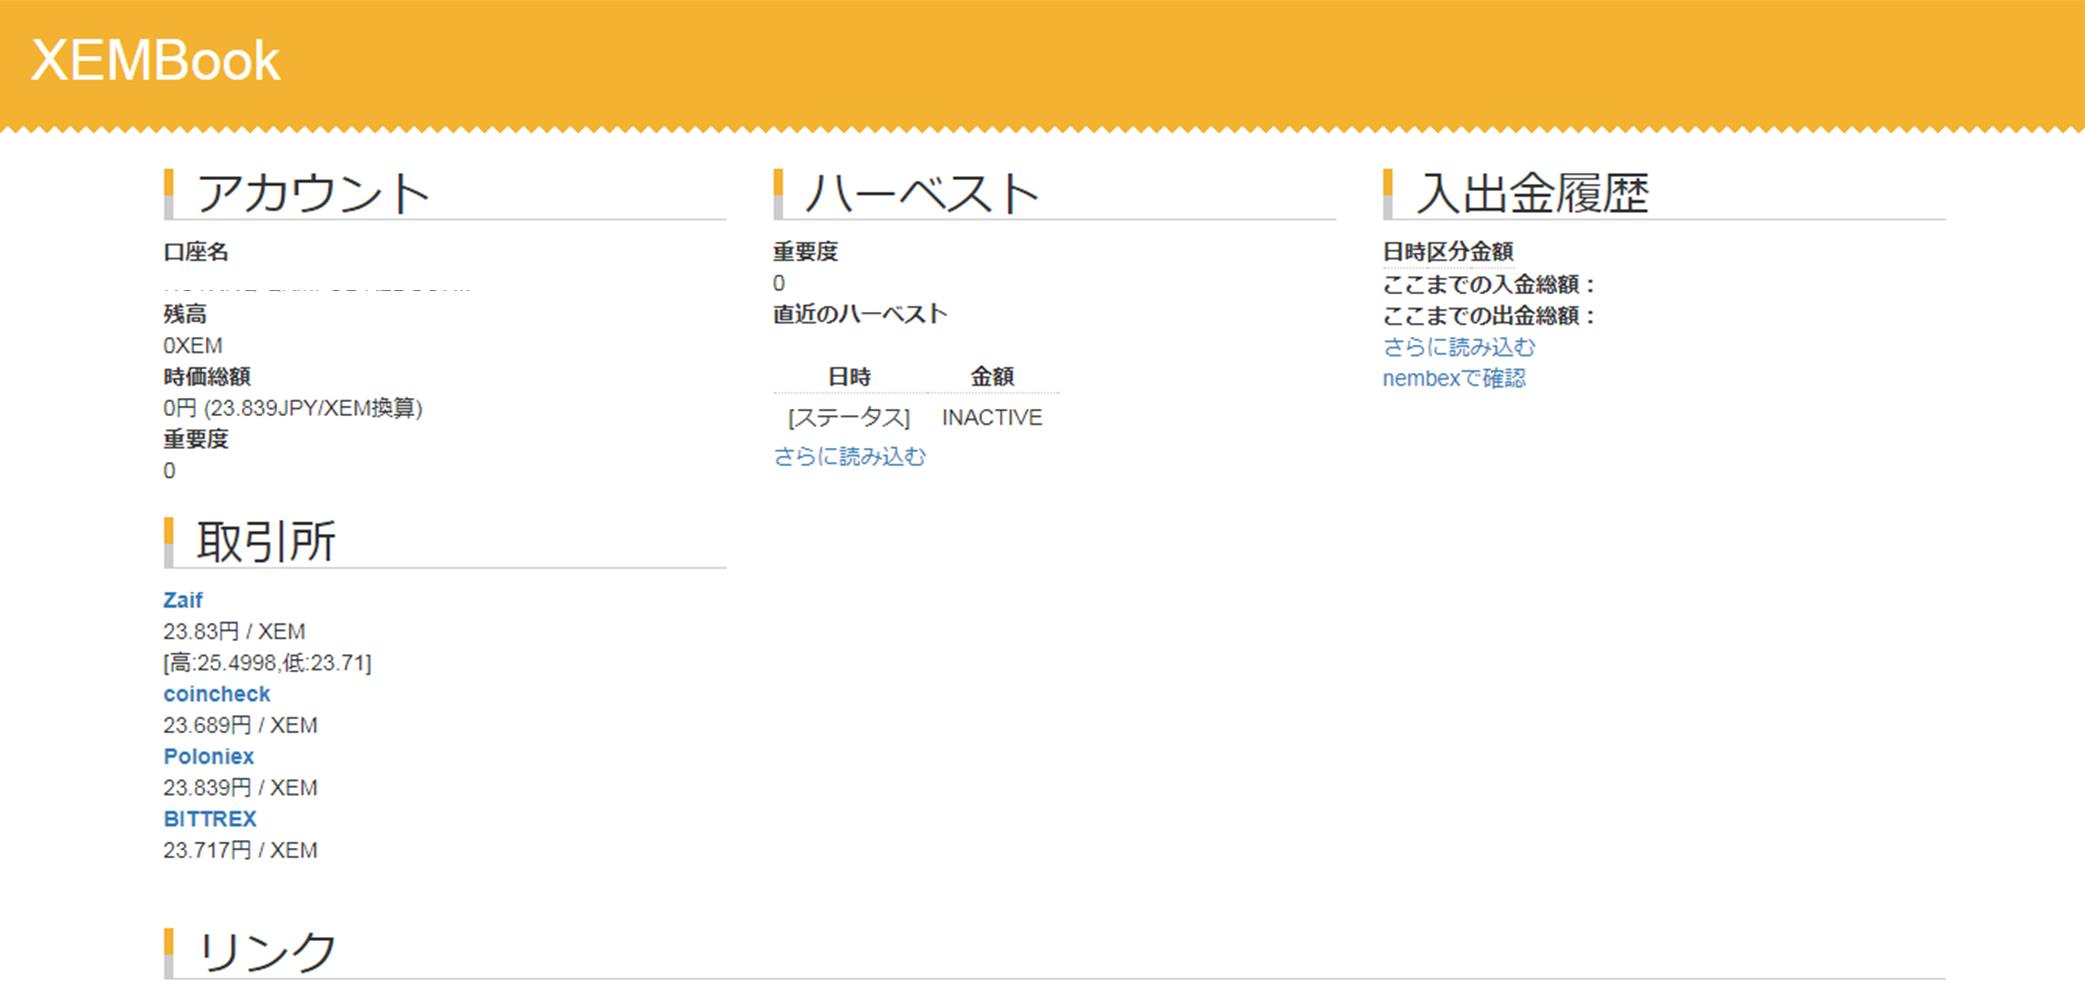 ゼムブックのトップページ